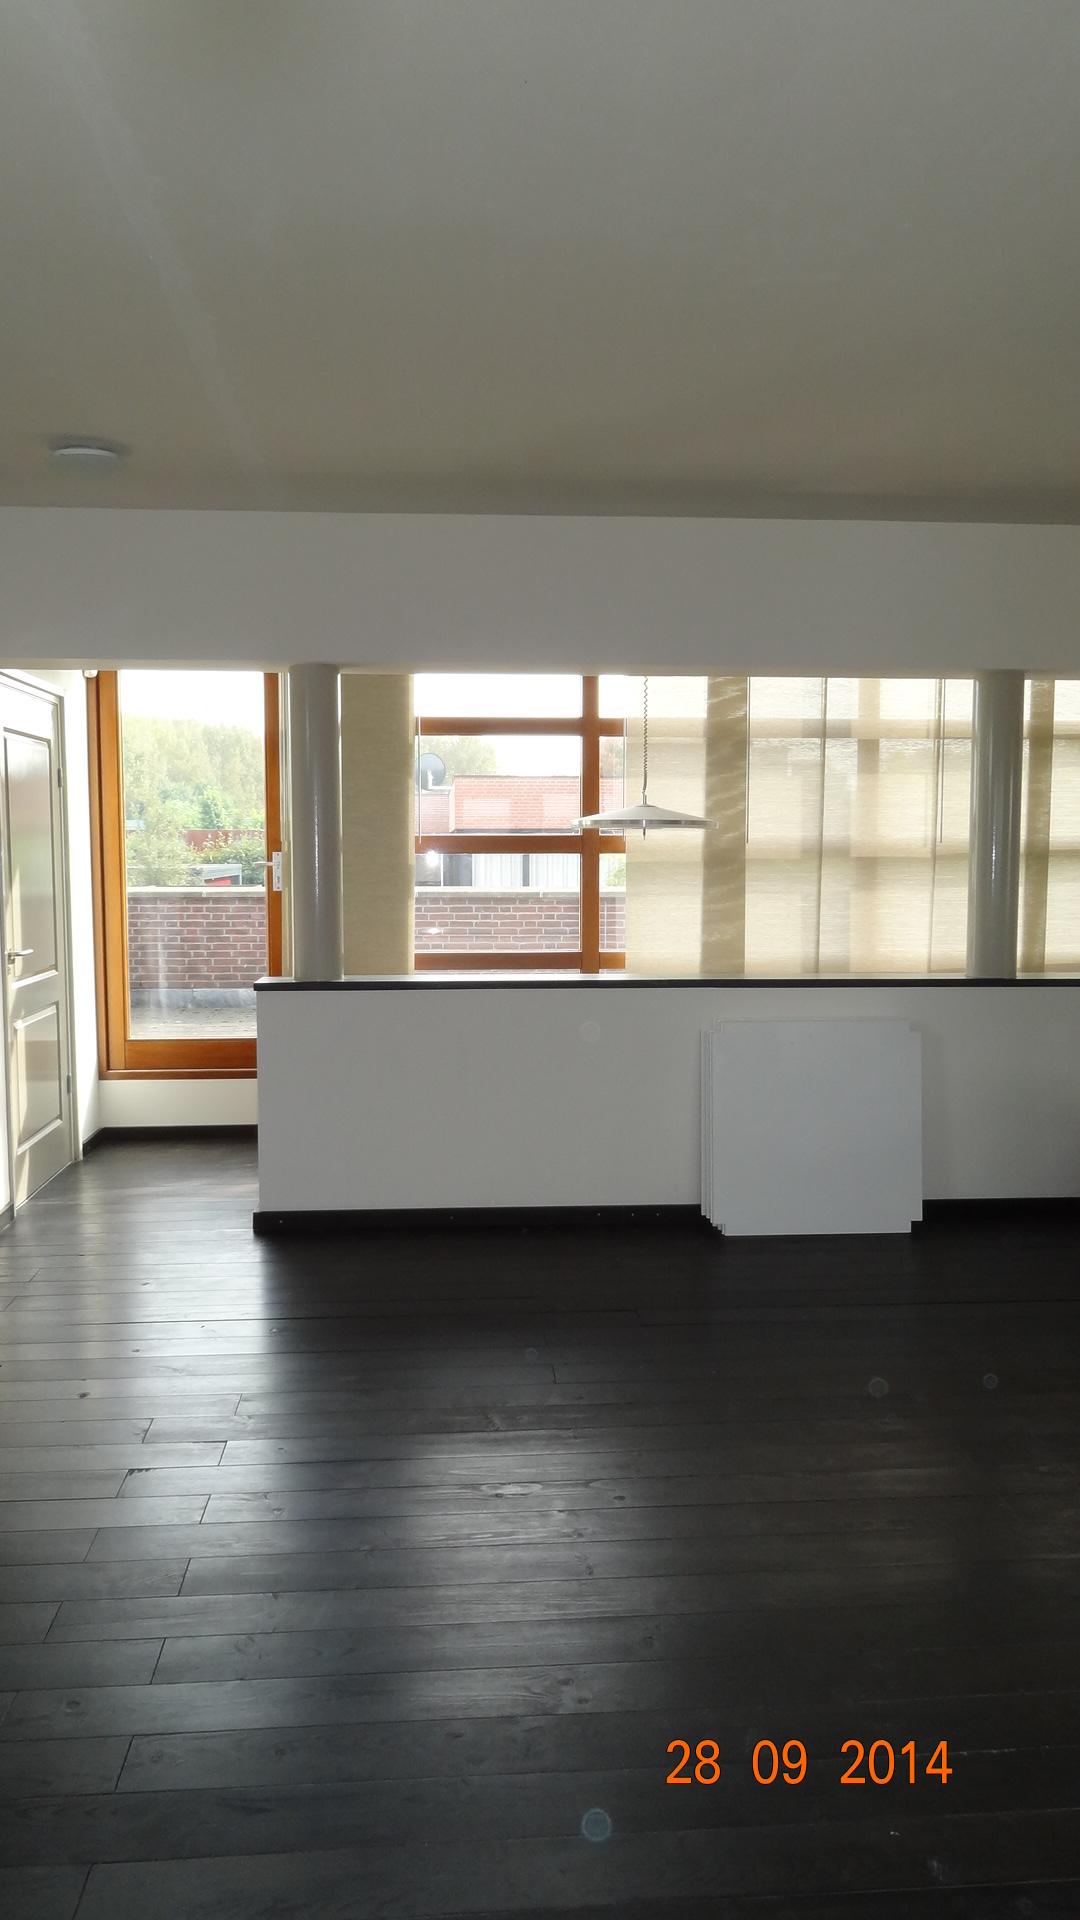 Foto 39 s verdieping woning woning met bedrijfspand - Open douche ruimte ...